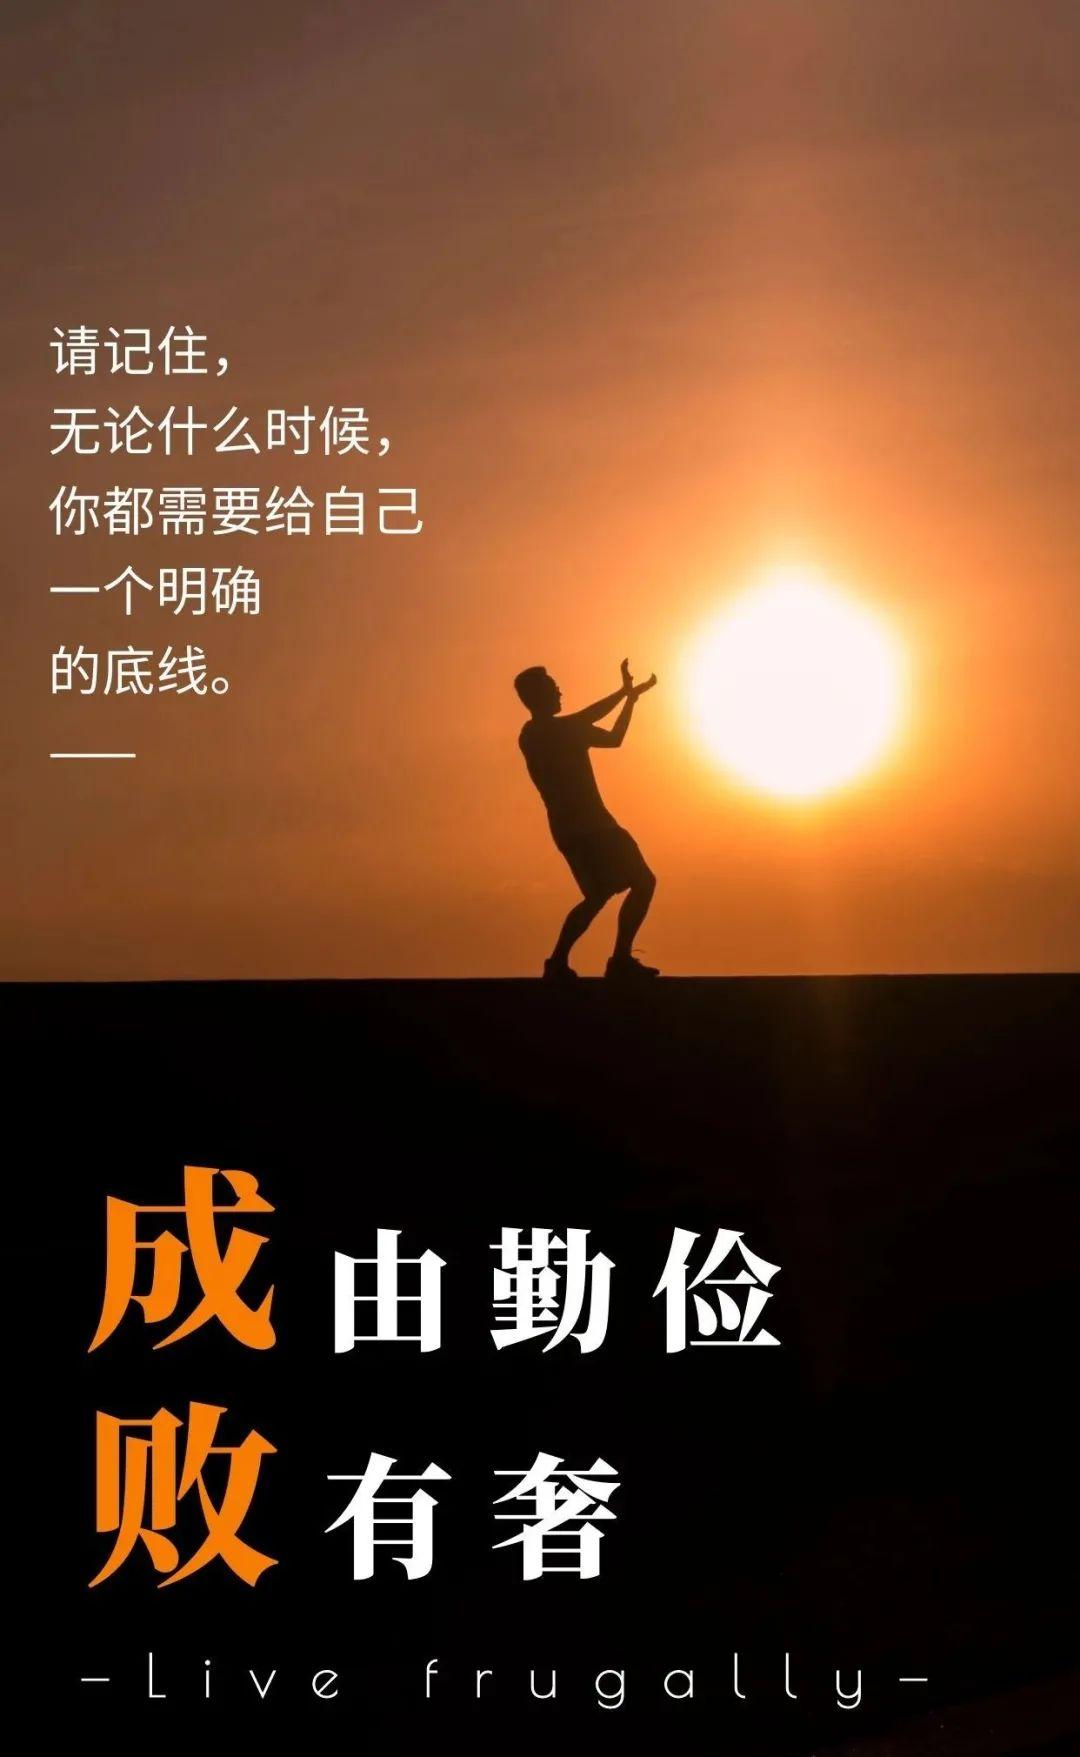 立夏早安心语正能量图片文字,阳光奋斗早安语